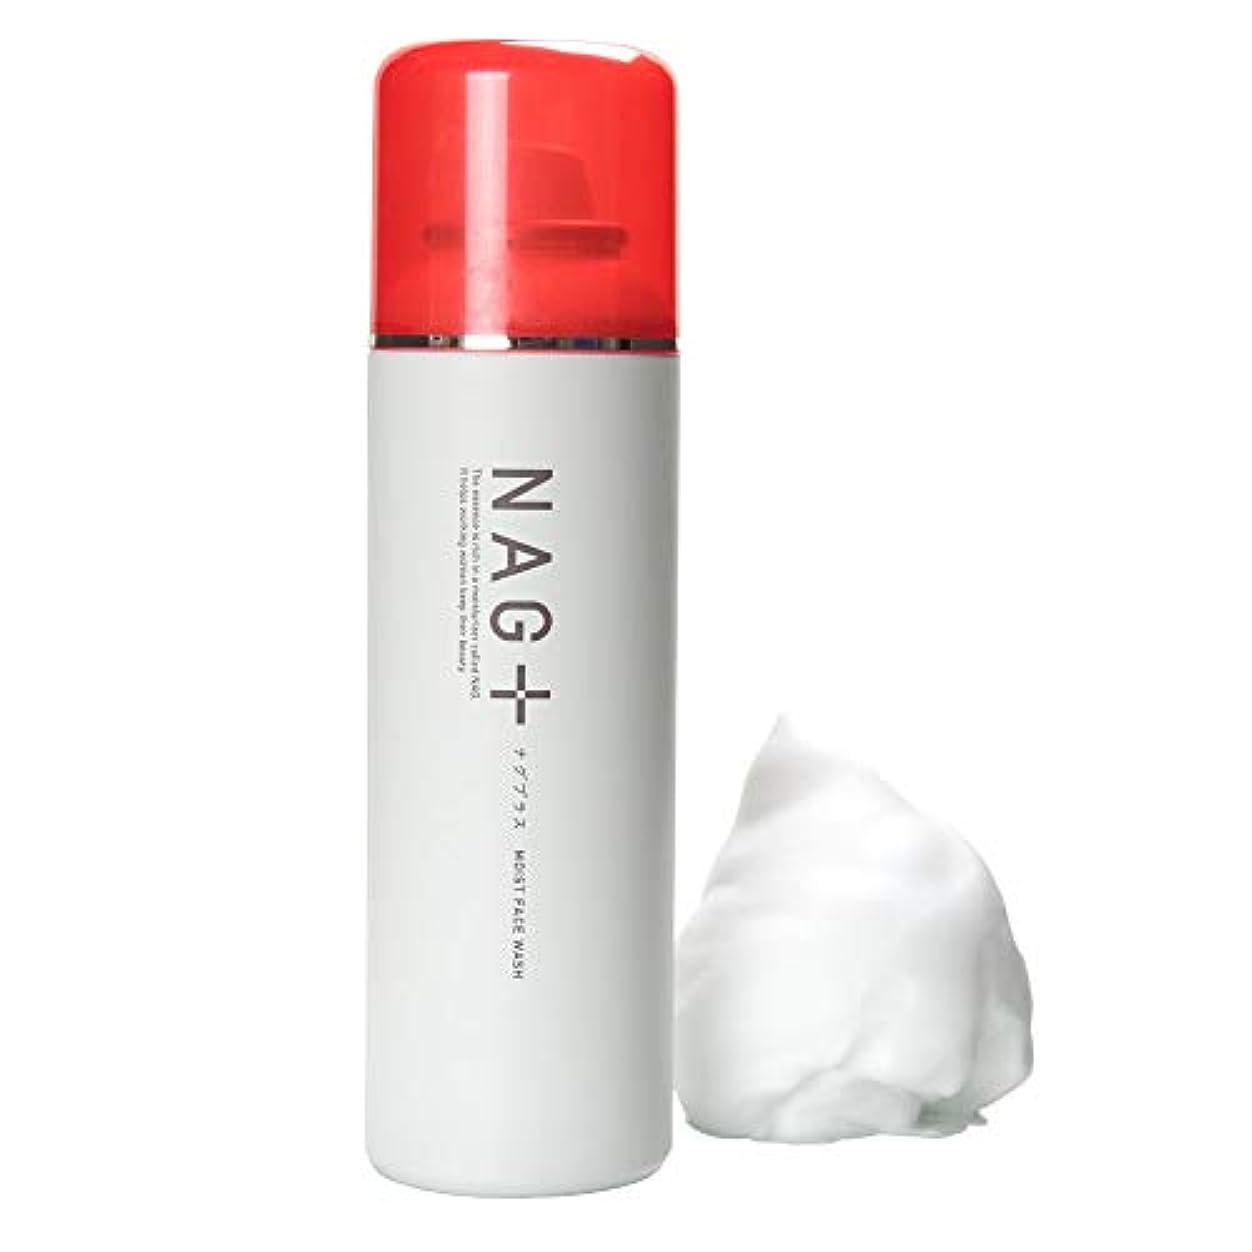 賭け贅沢影響を受けやすいです保湿する泡洗顔 単品1本